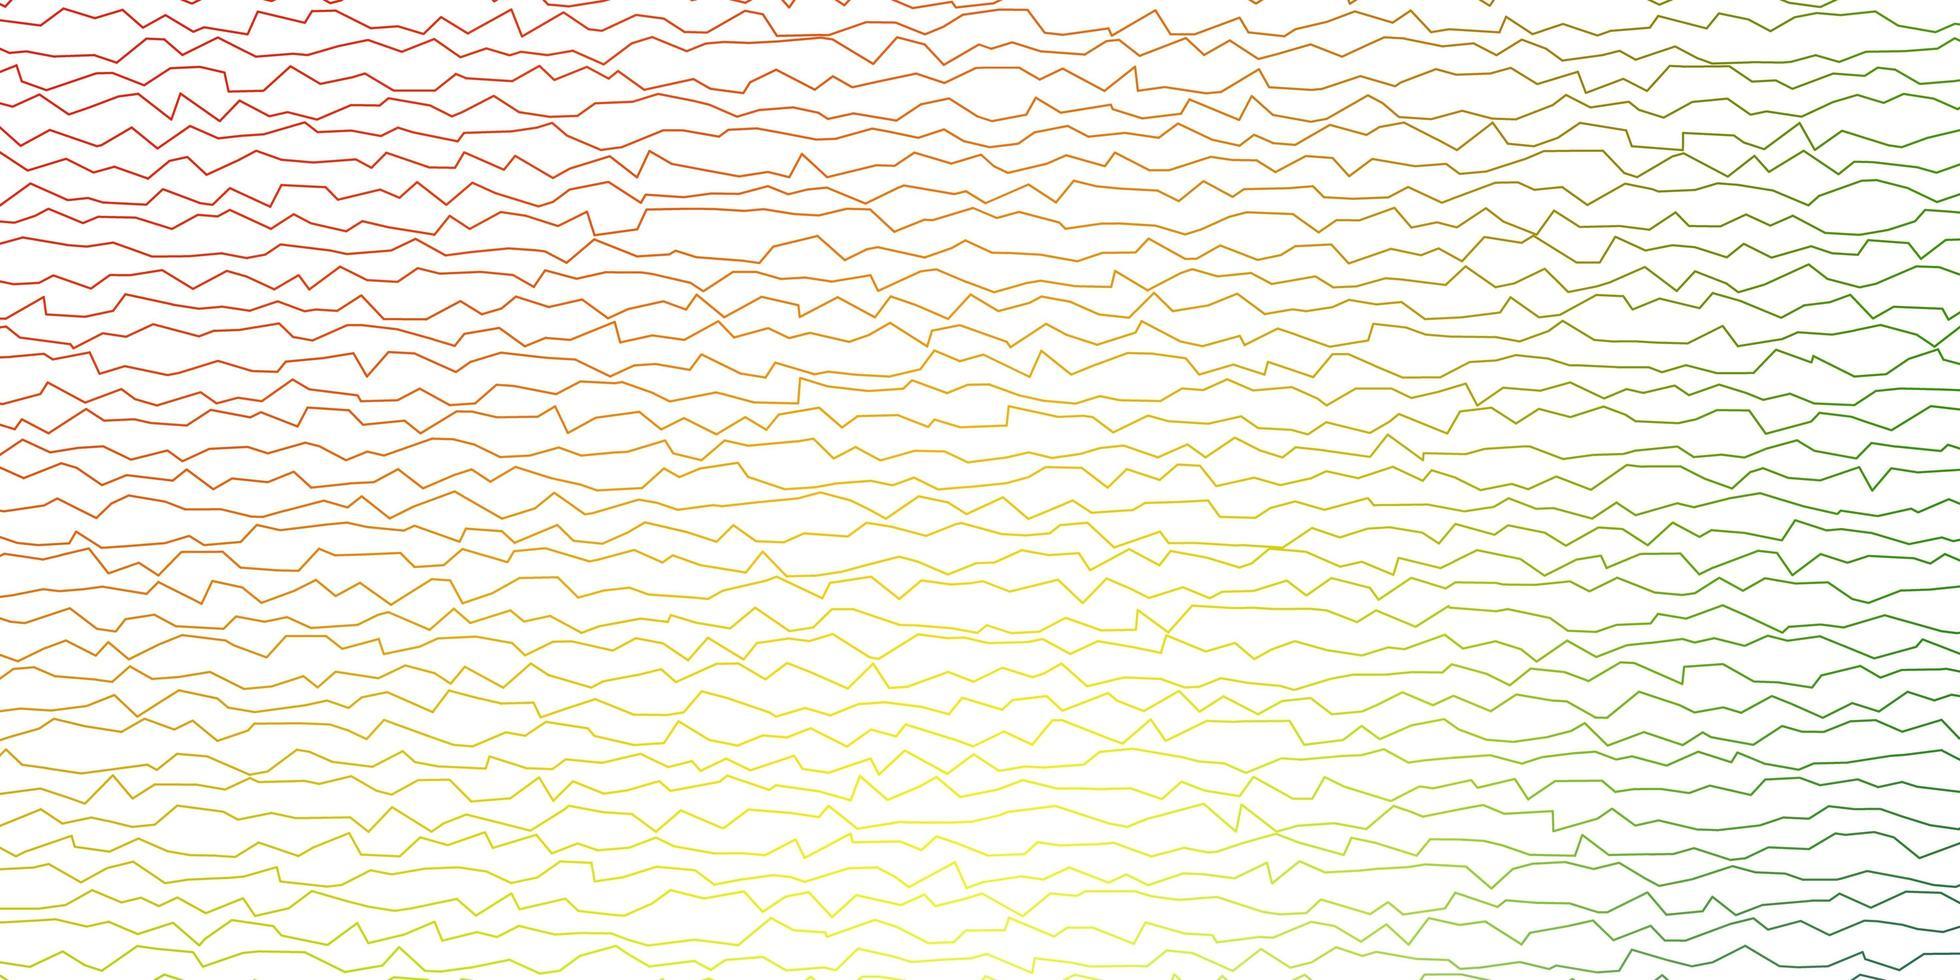 mörk flerfärgad bakgrund med cirkulär båge. vektor